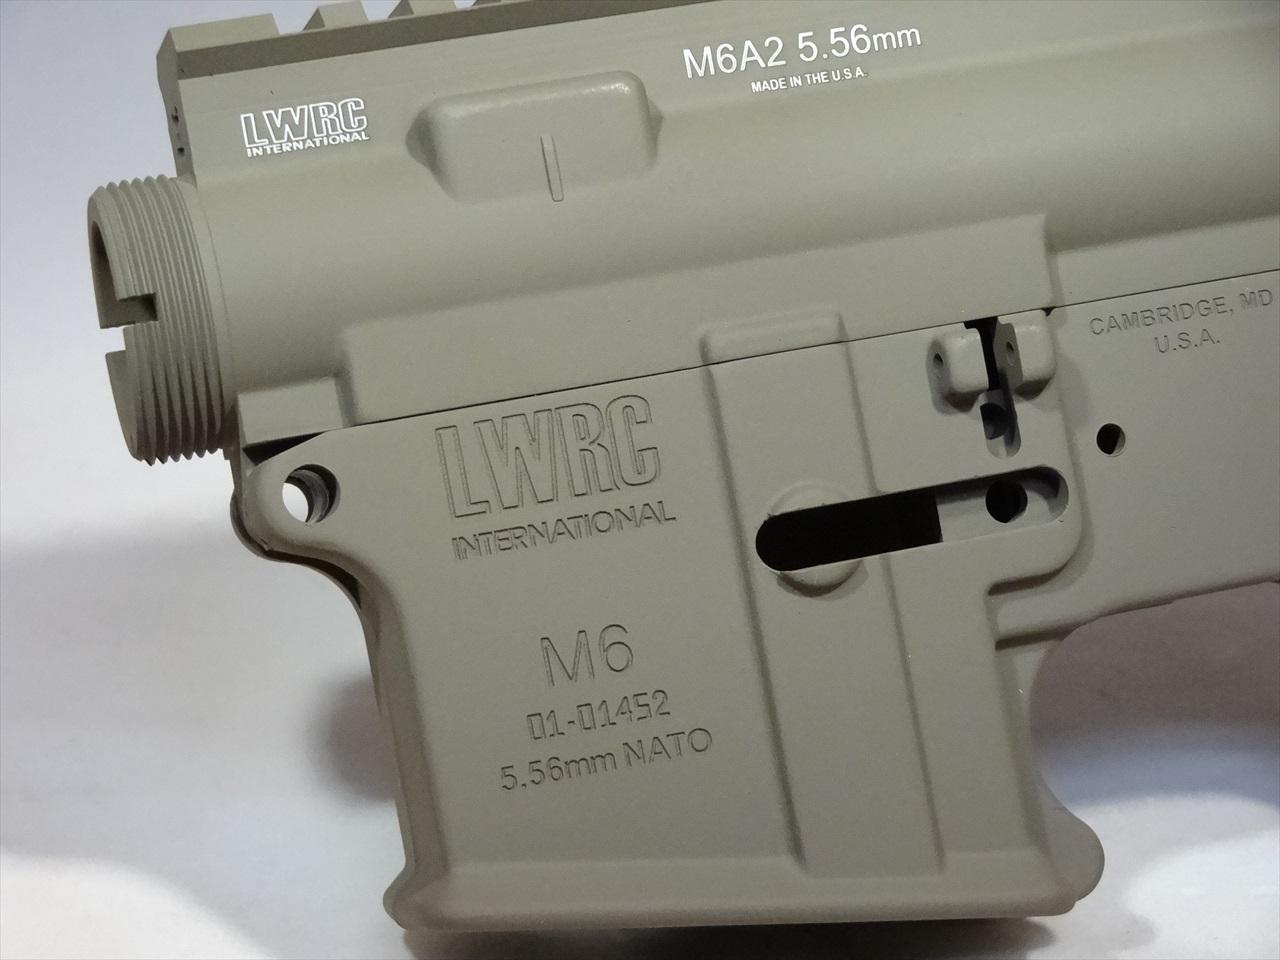 【オリジナル】 マーキング+セラコート RA-TECH 鍛造アルミレシーバーセット WE M4 GBB用(LWRC M6 TAN)